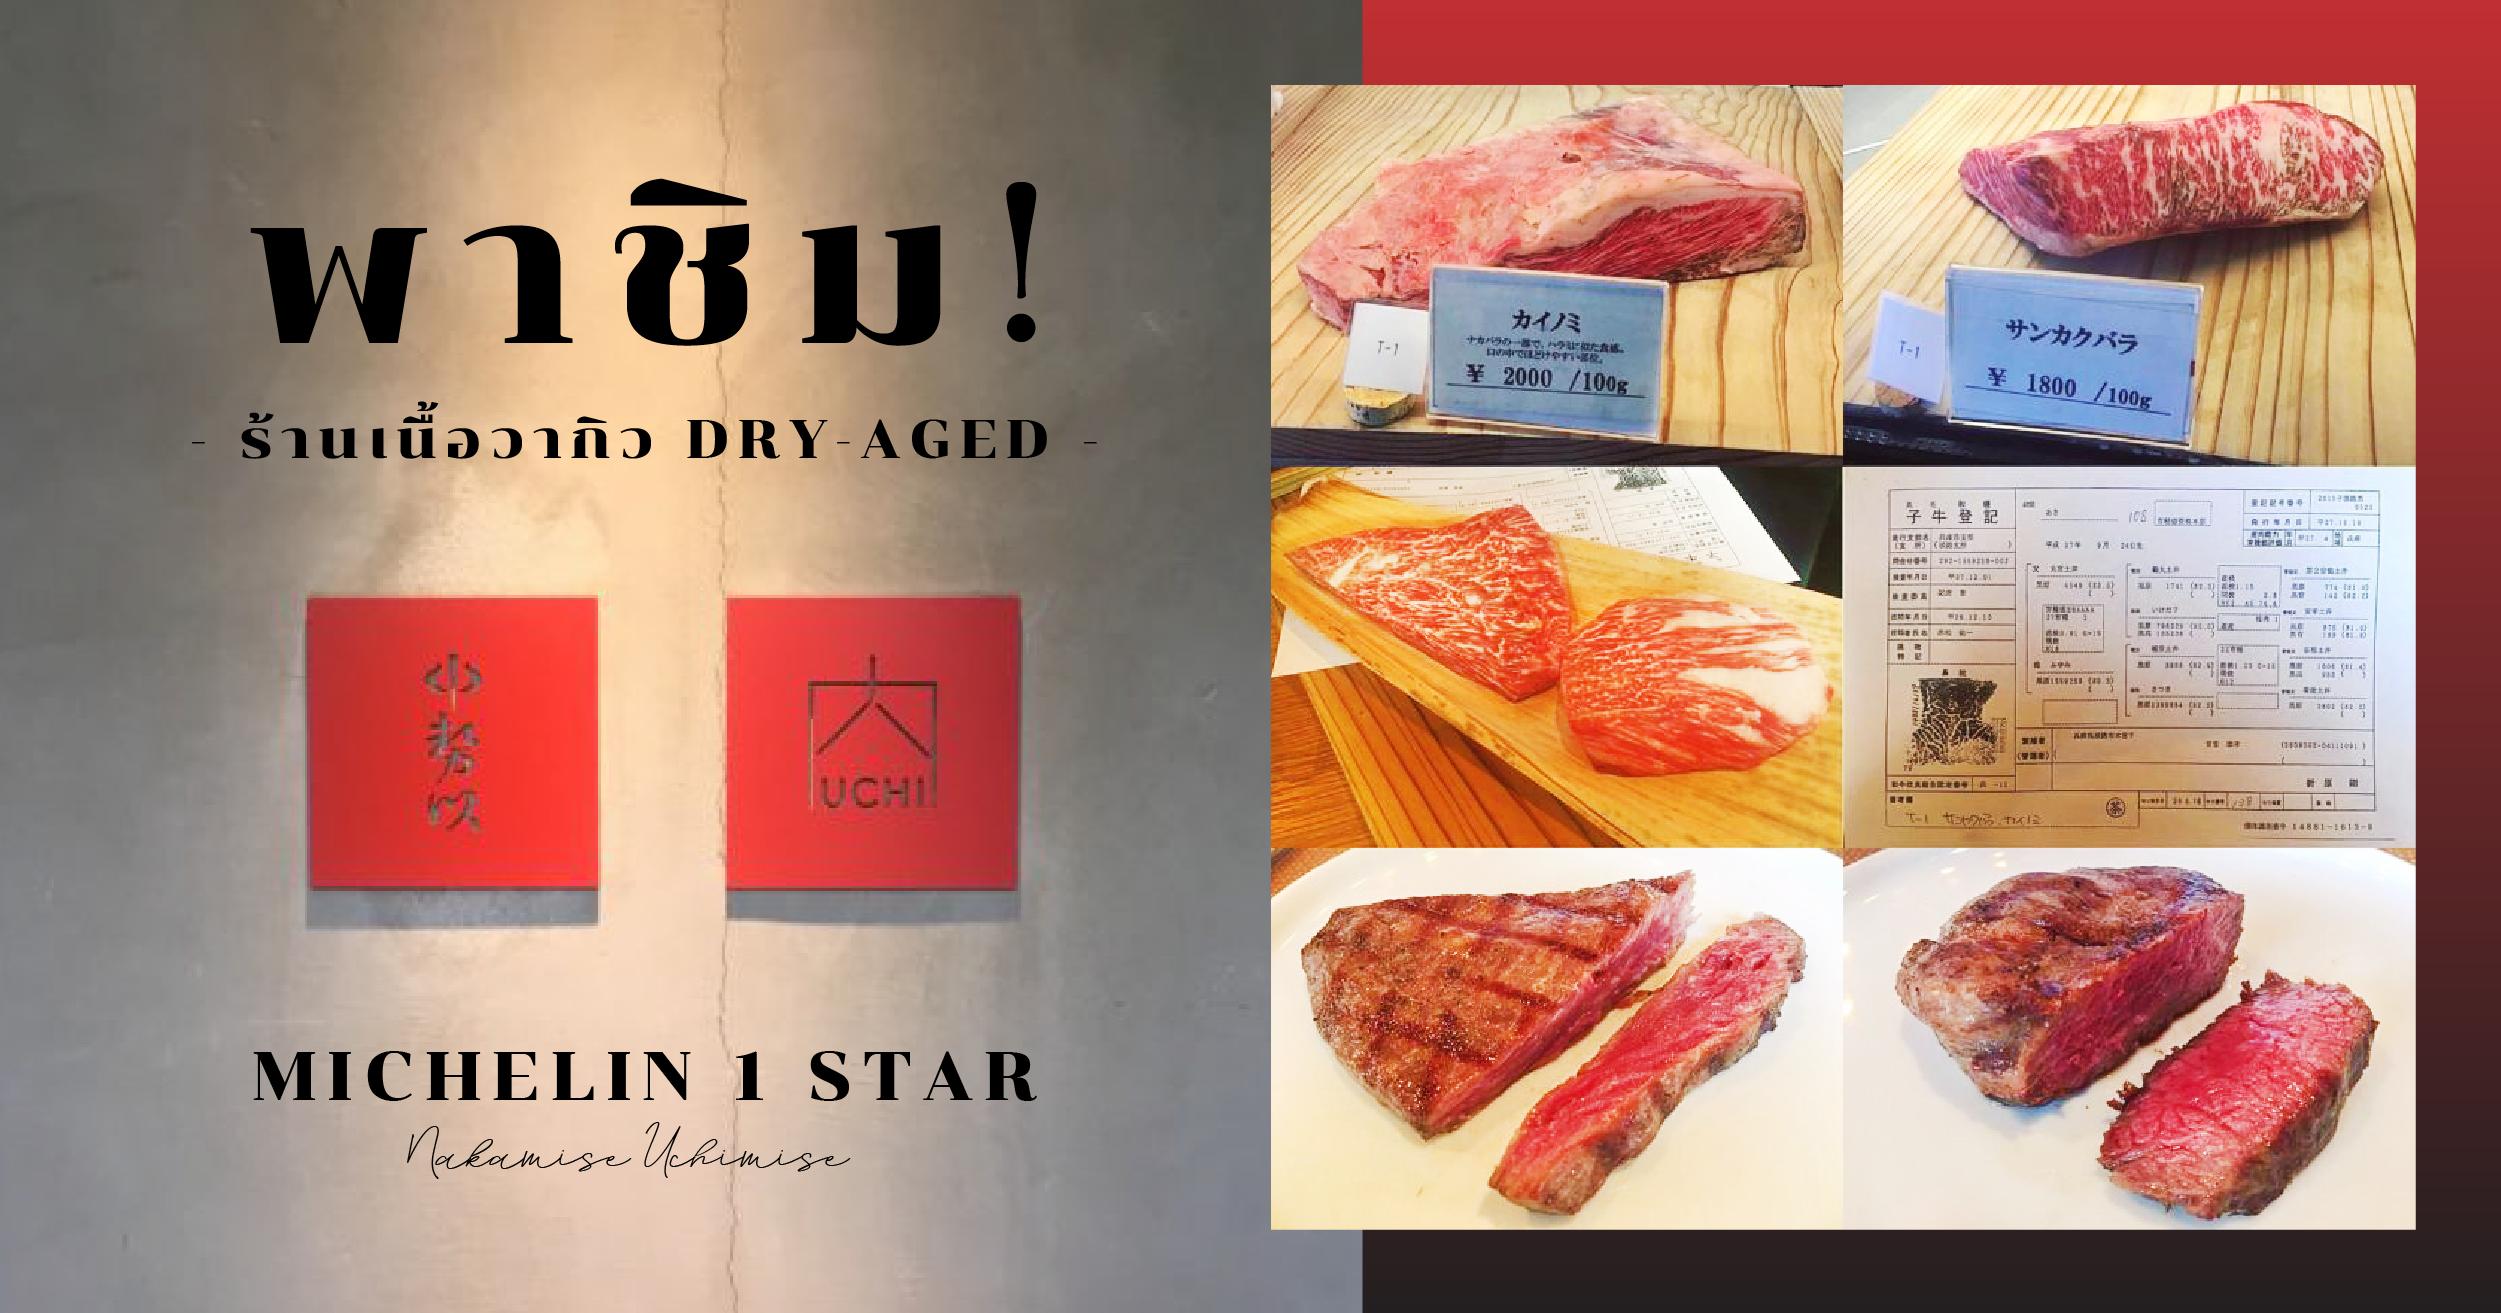 nakamise-uchimise-wagyu-beef-michelin-star